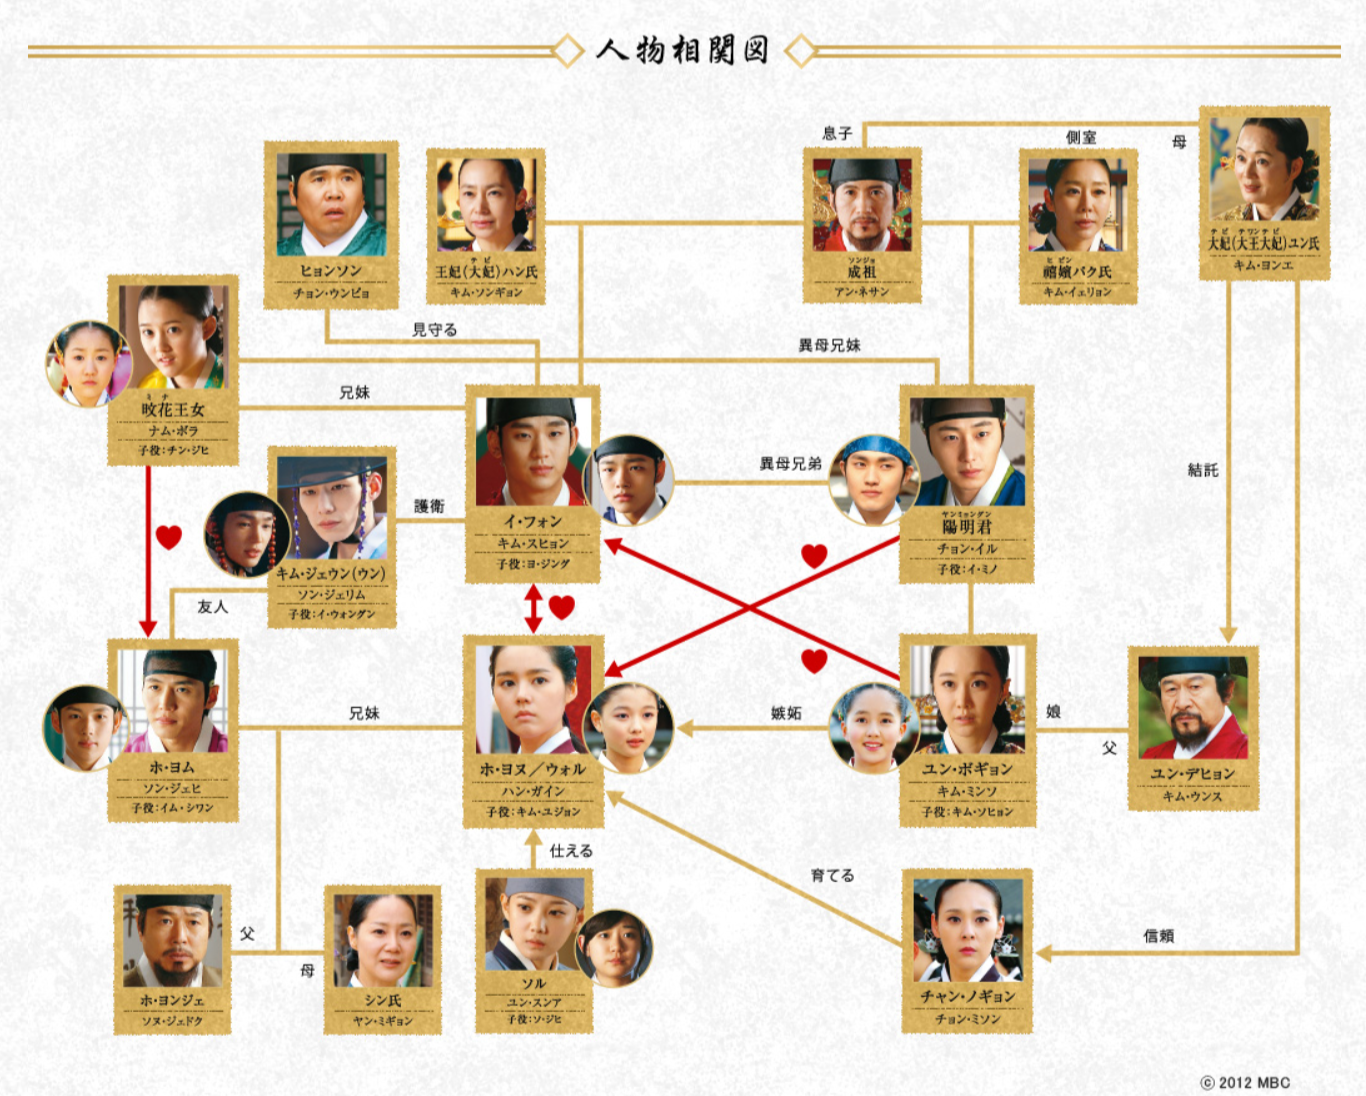 韓国ドラマ『太陽を抱く月』登場人物相関図(関係図)